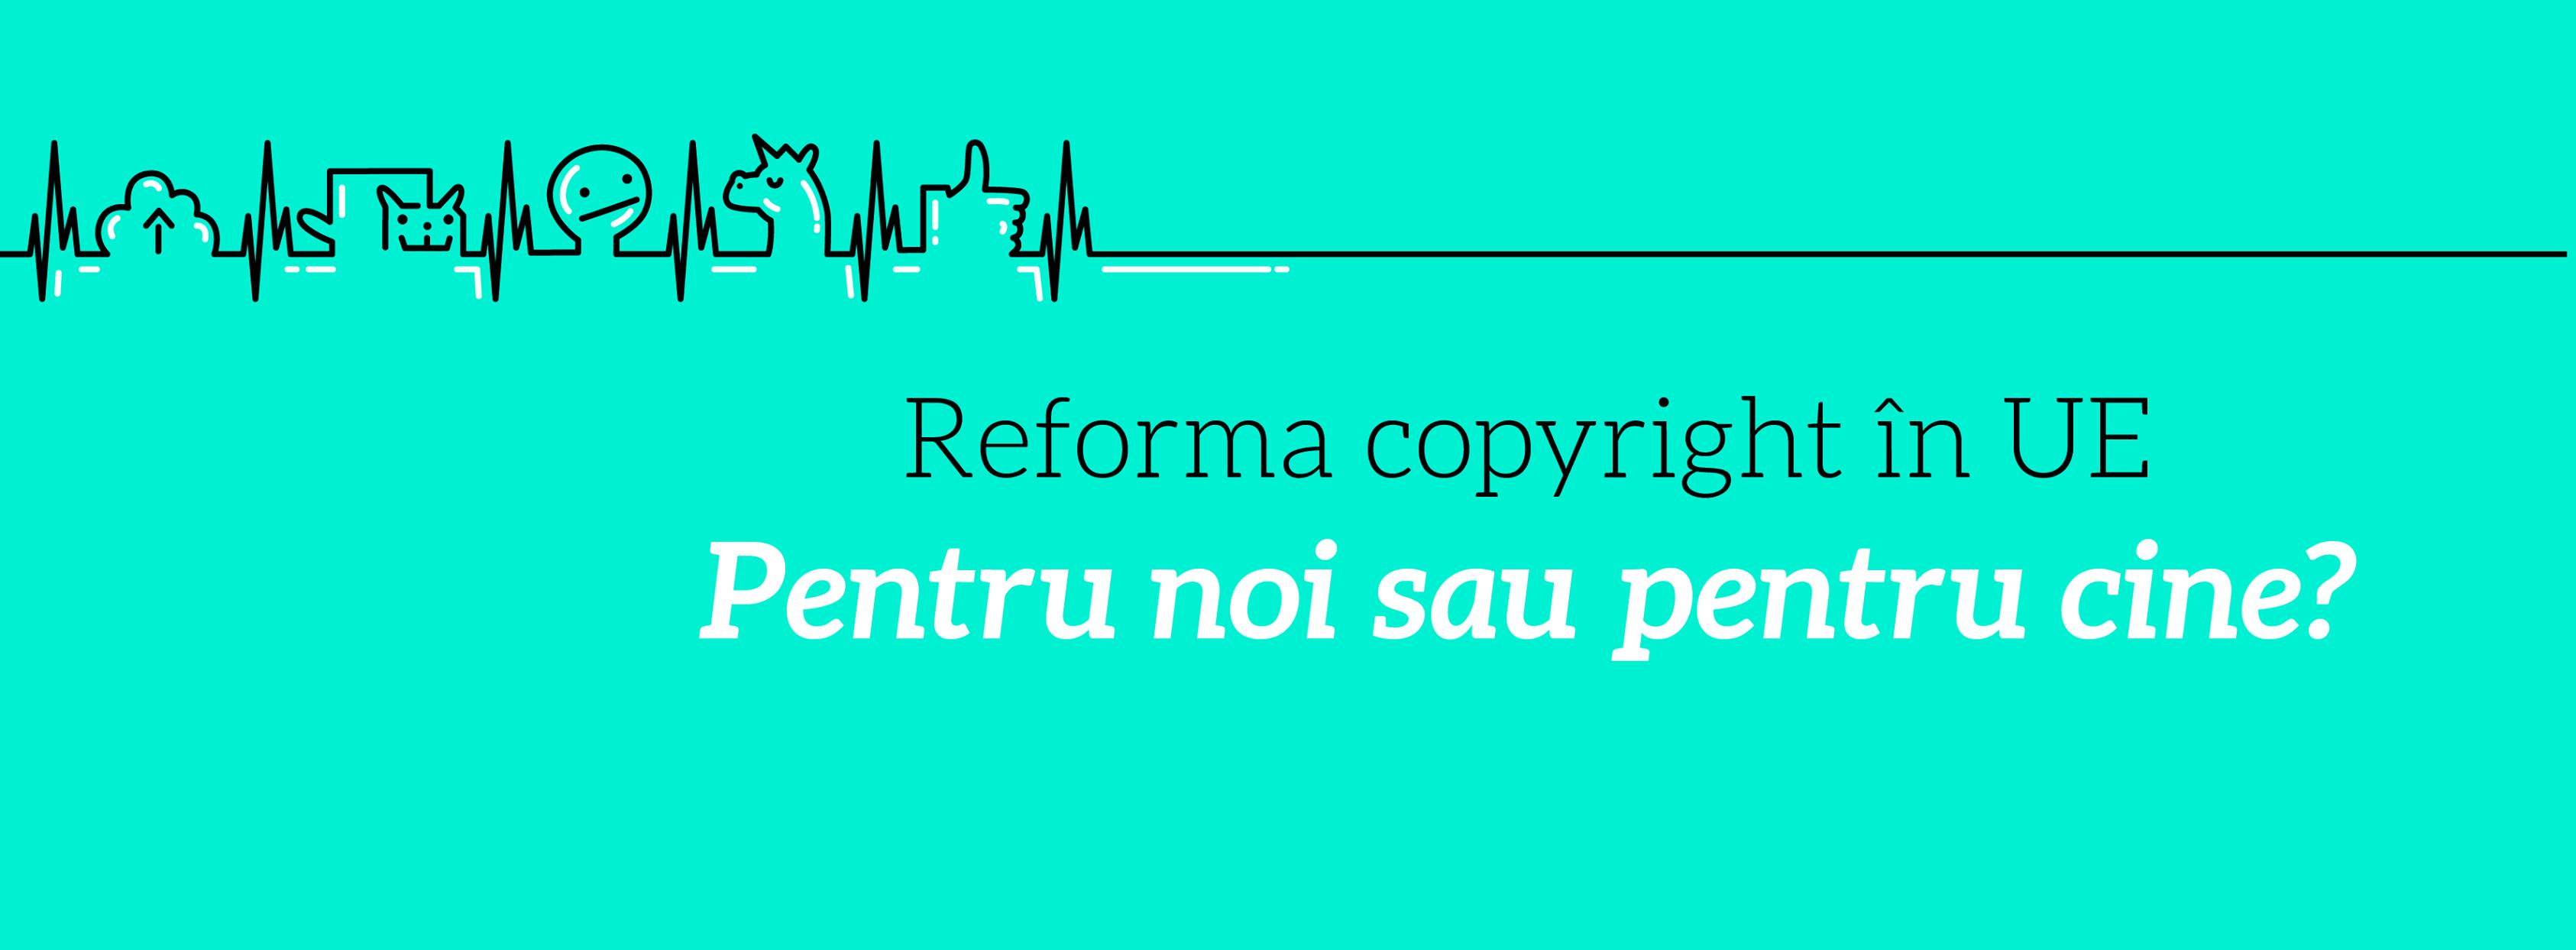 Reforma copyright în UE: implică-te și corectează!